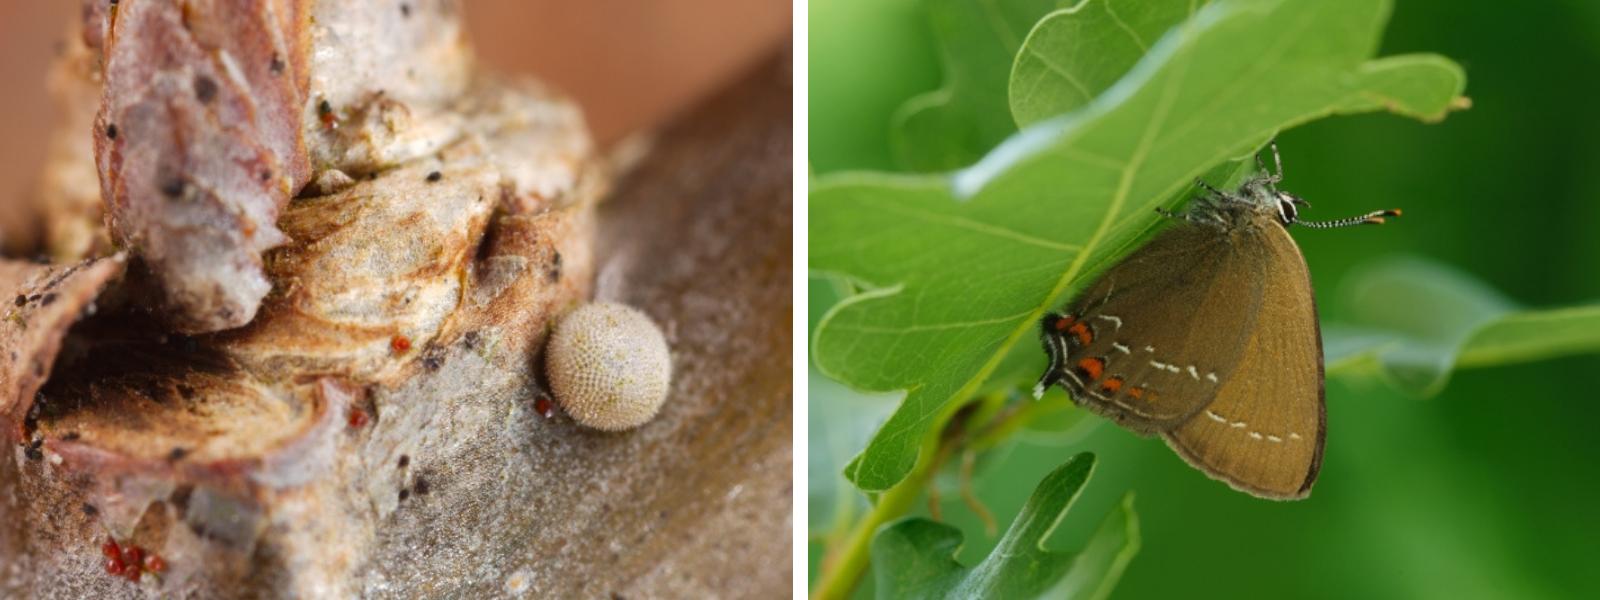 De bruine eikenpage (rechts) legt haar eitjes (links) op de zomereik